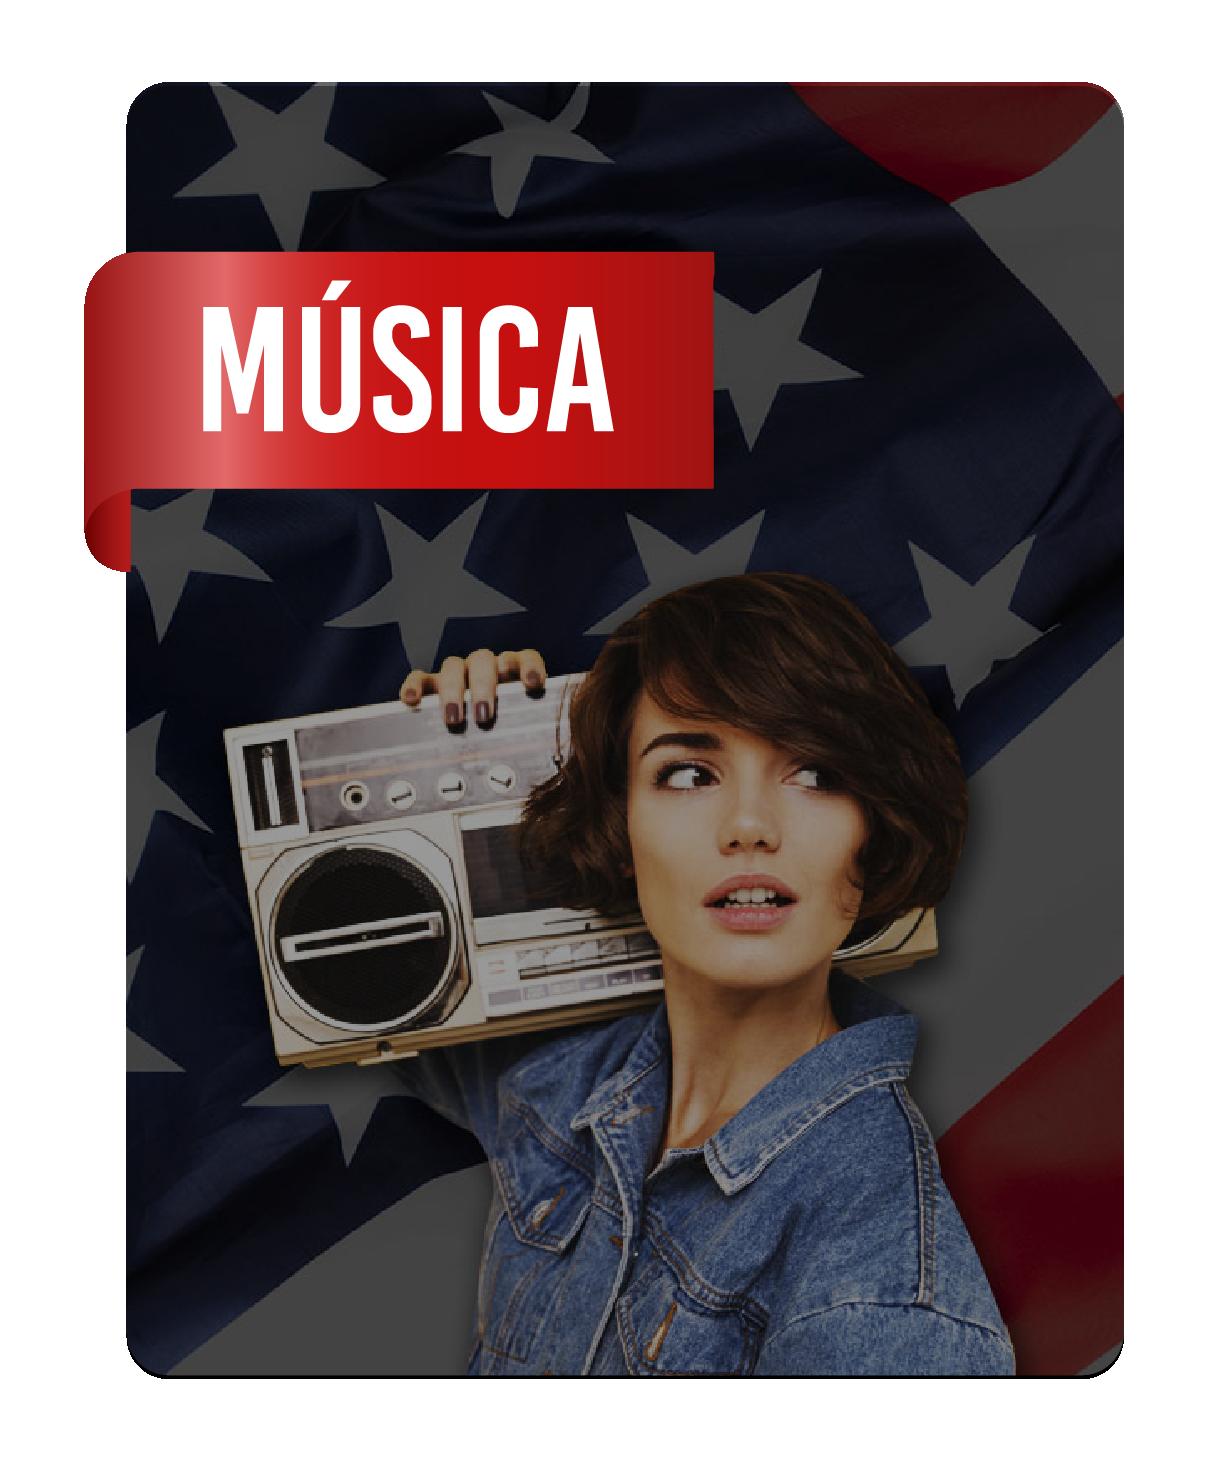 MUSICA2@2x